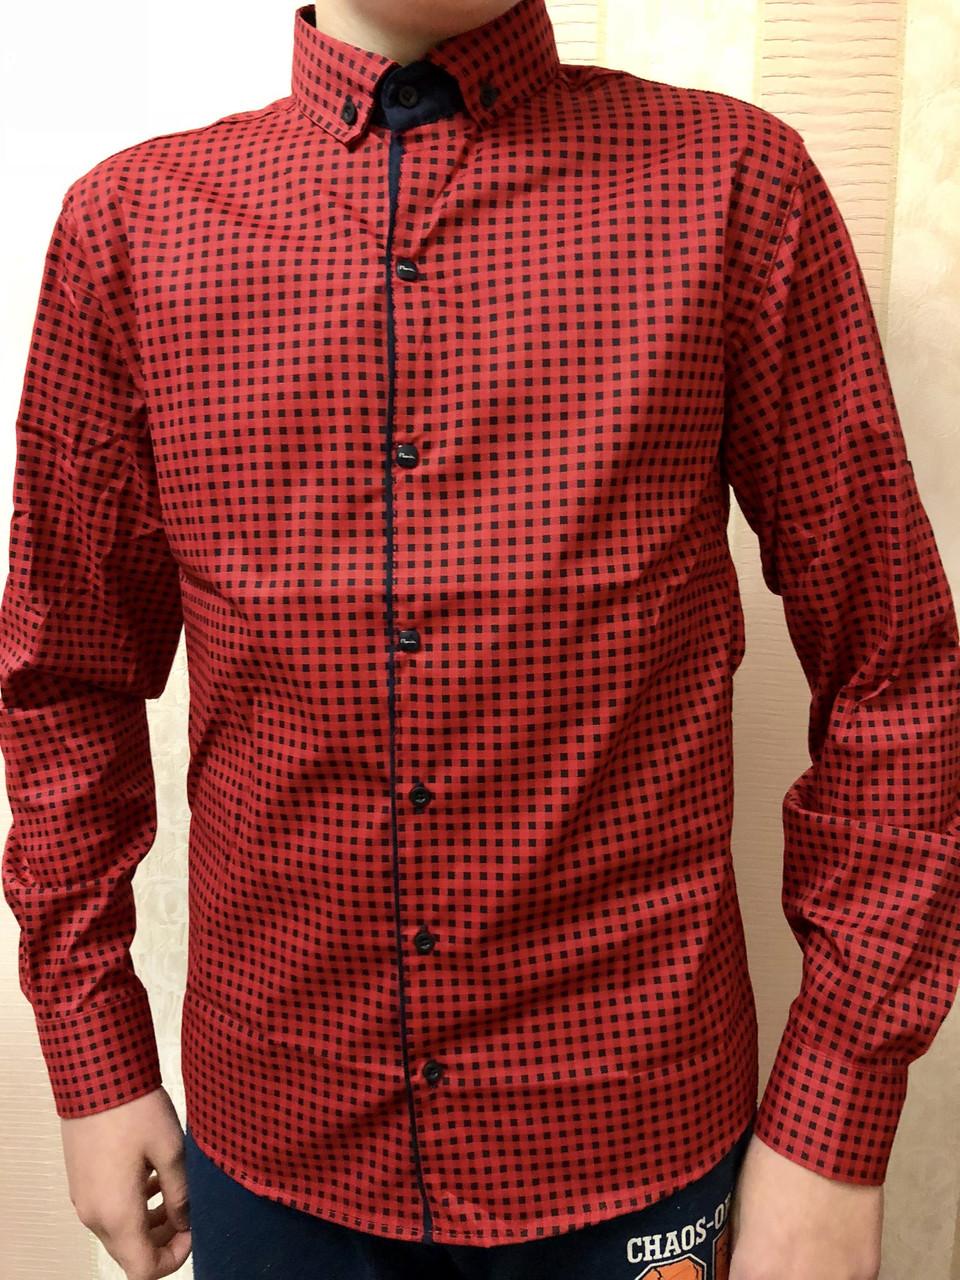 Рубашка для подростка в клетку, фото 1